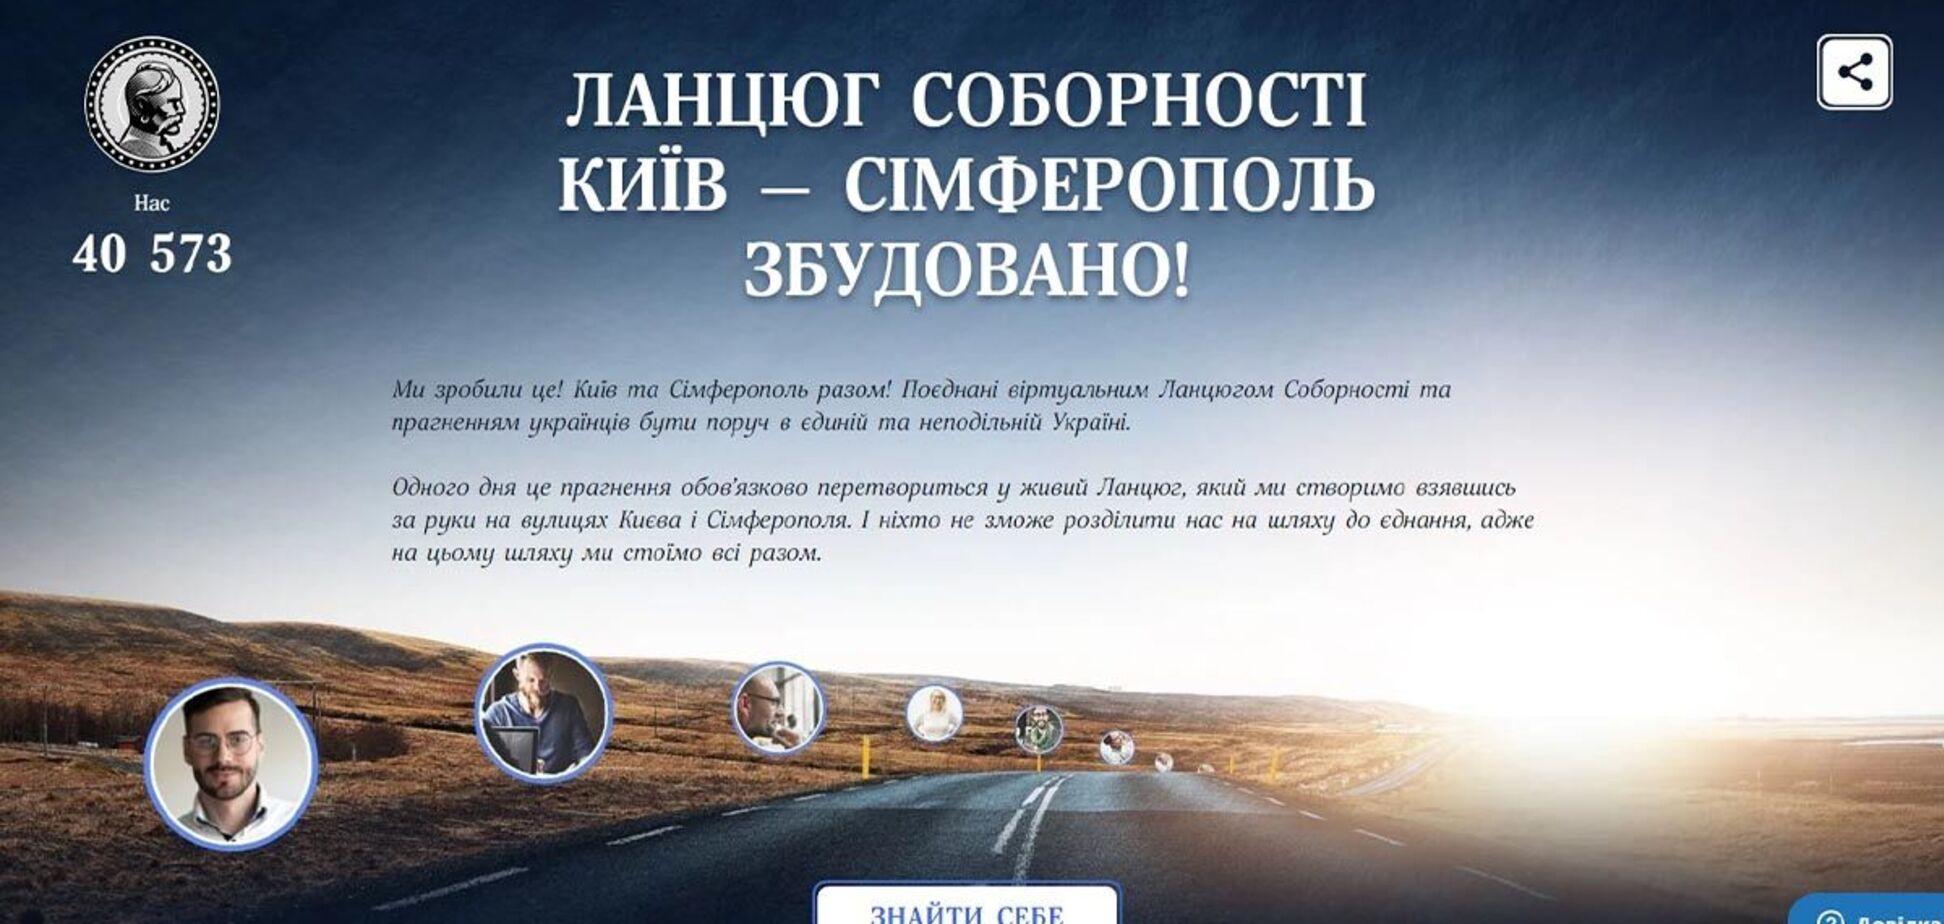 'Ланцюг Соборності' 2021 – нова сторінка в історії України